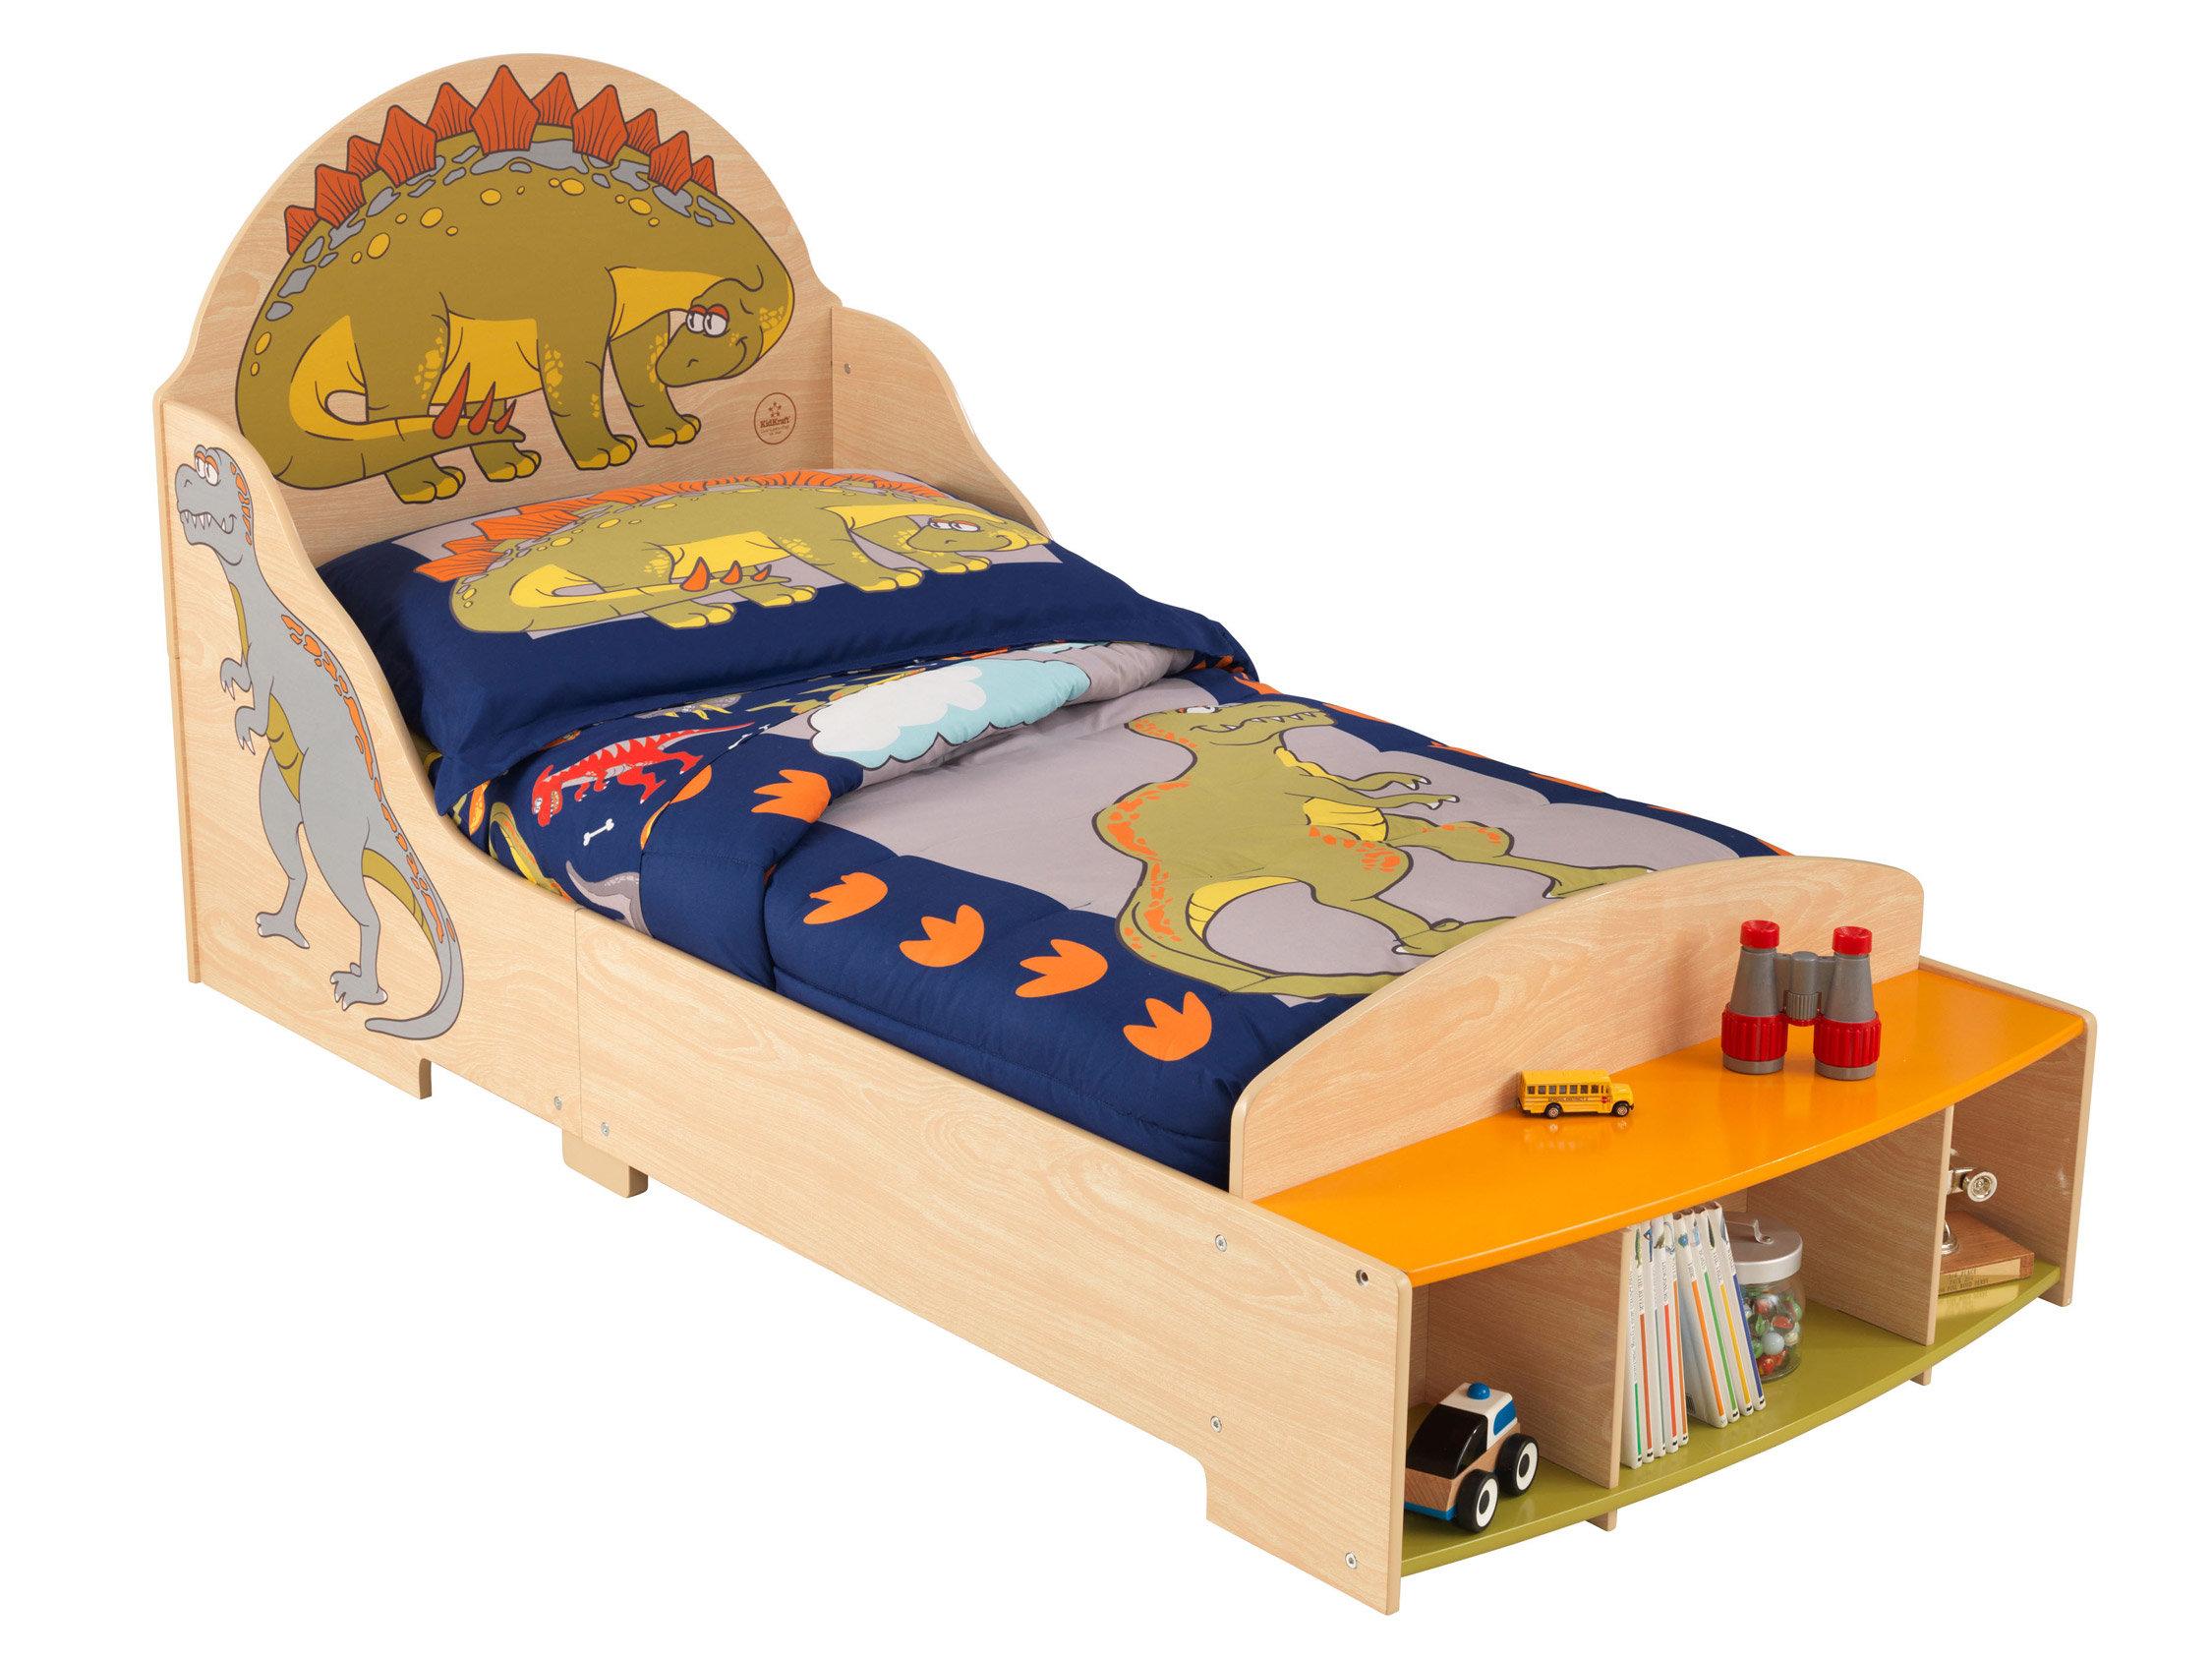 Lit en bois motif dinosaures pour enfant